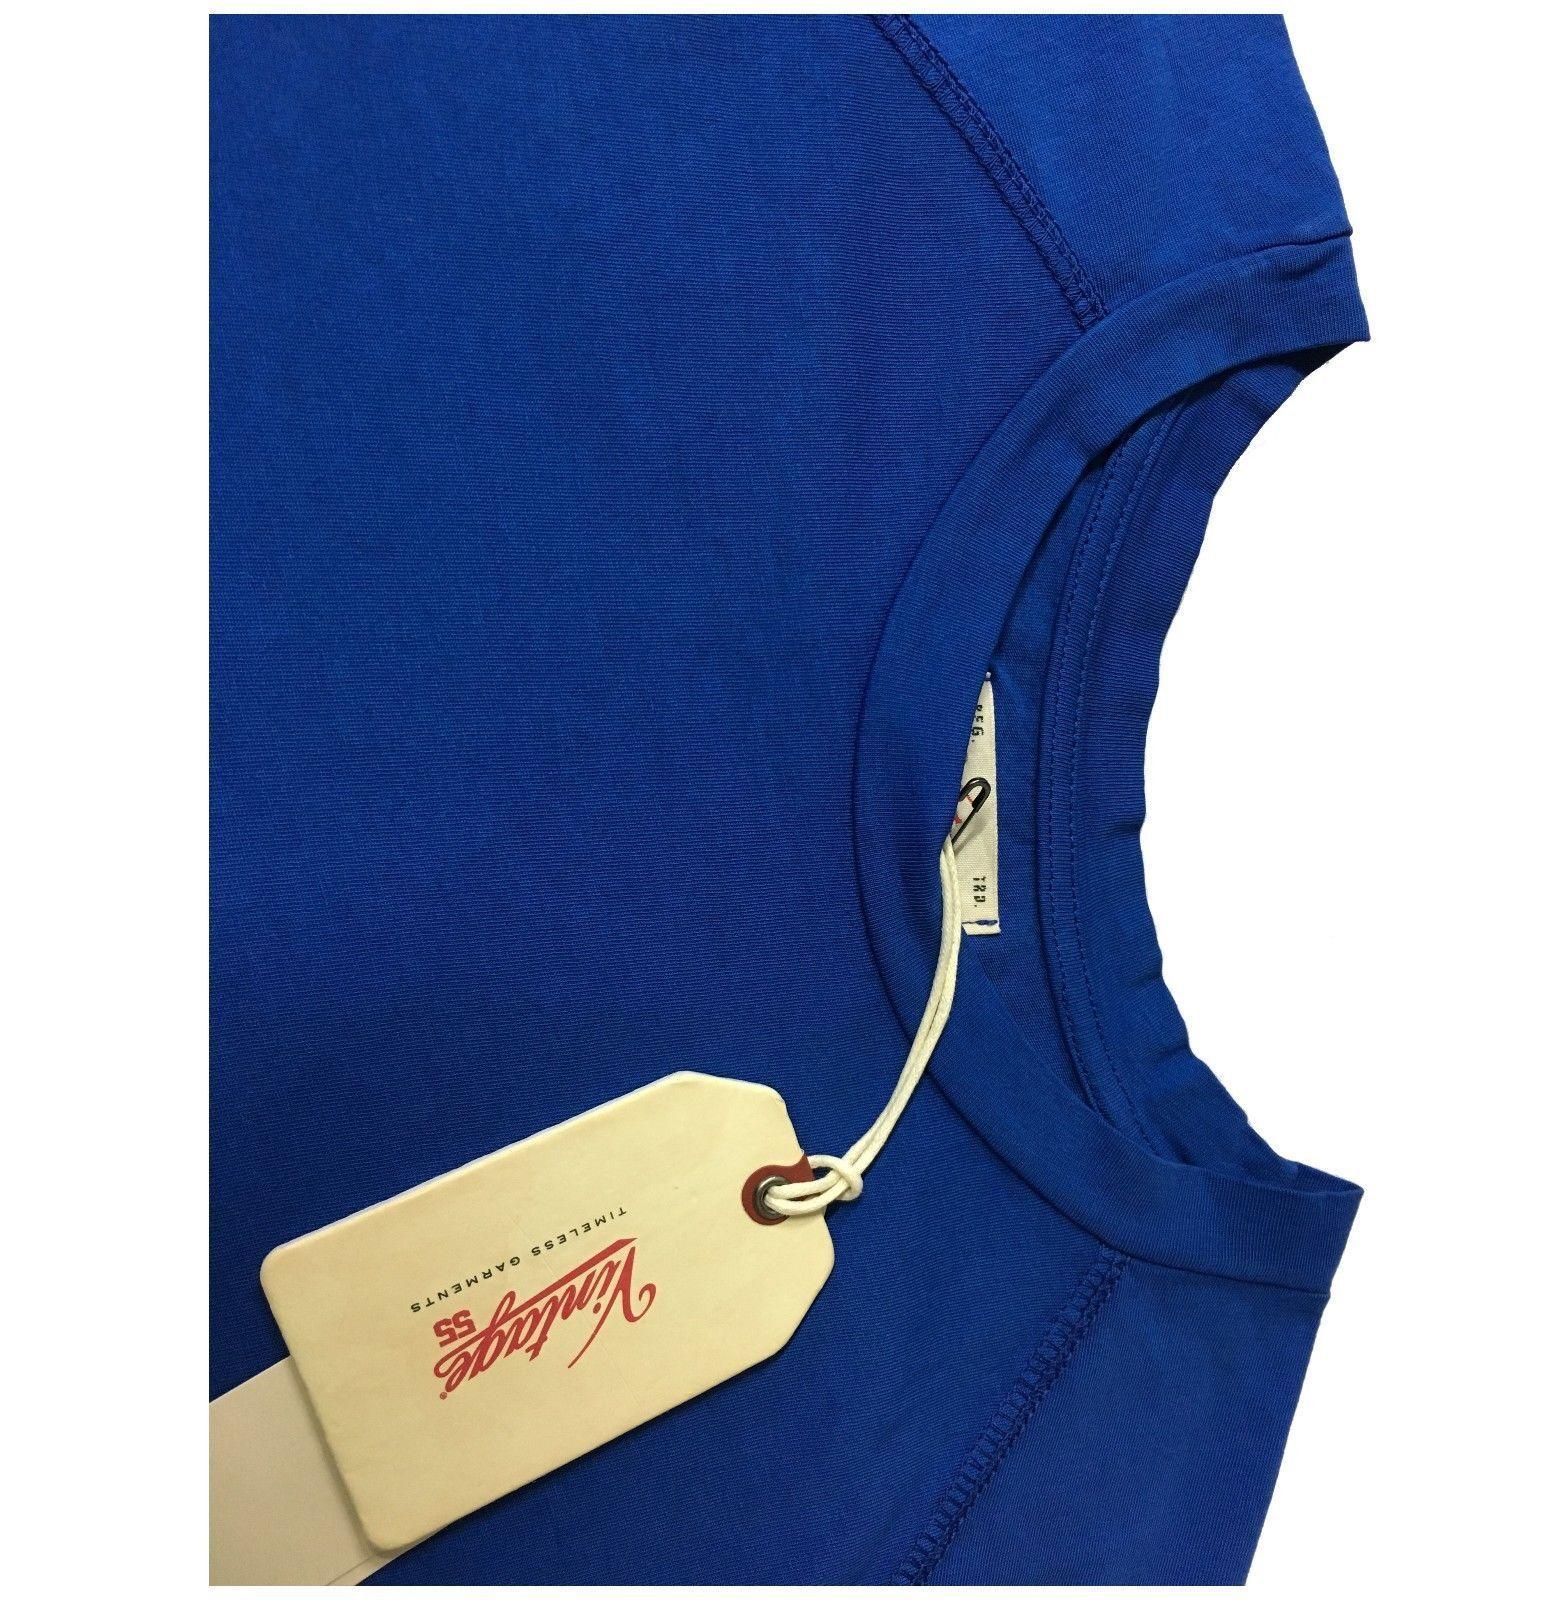 VINTAGE VINTAGE VINTAGE 55 T-Shirt mit kurzen Ärmeln Tasche Stickerei KornBlaumenblau in Ita 15f95e